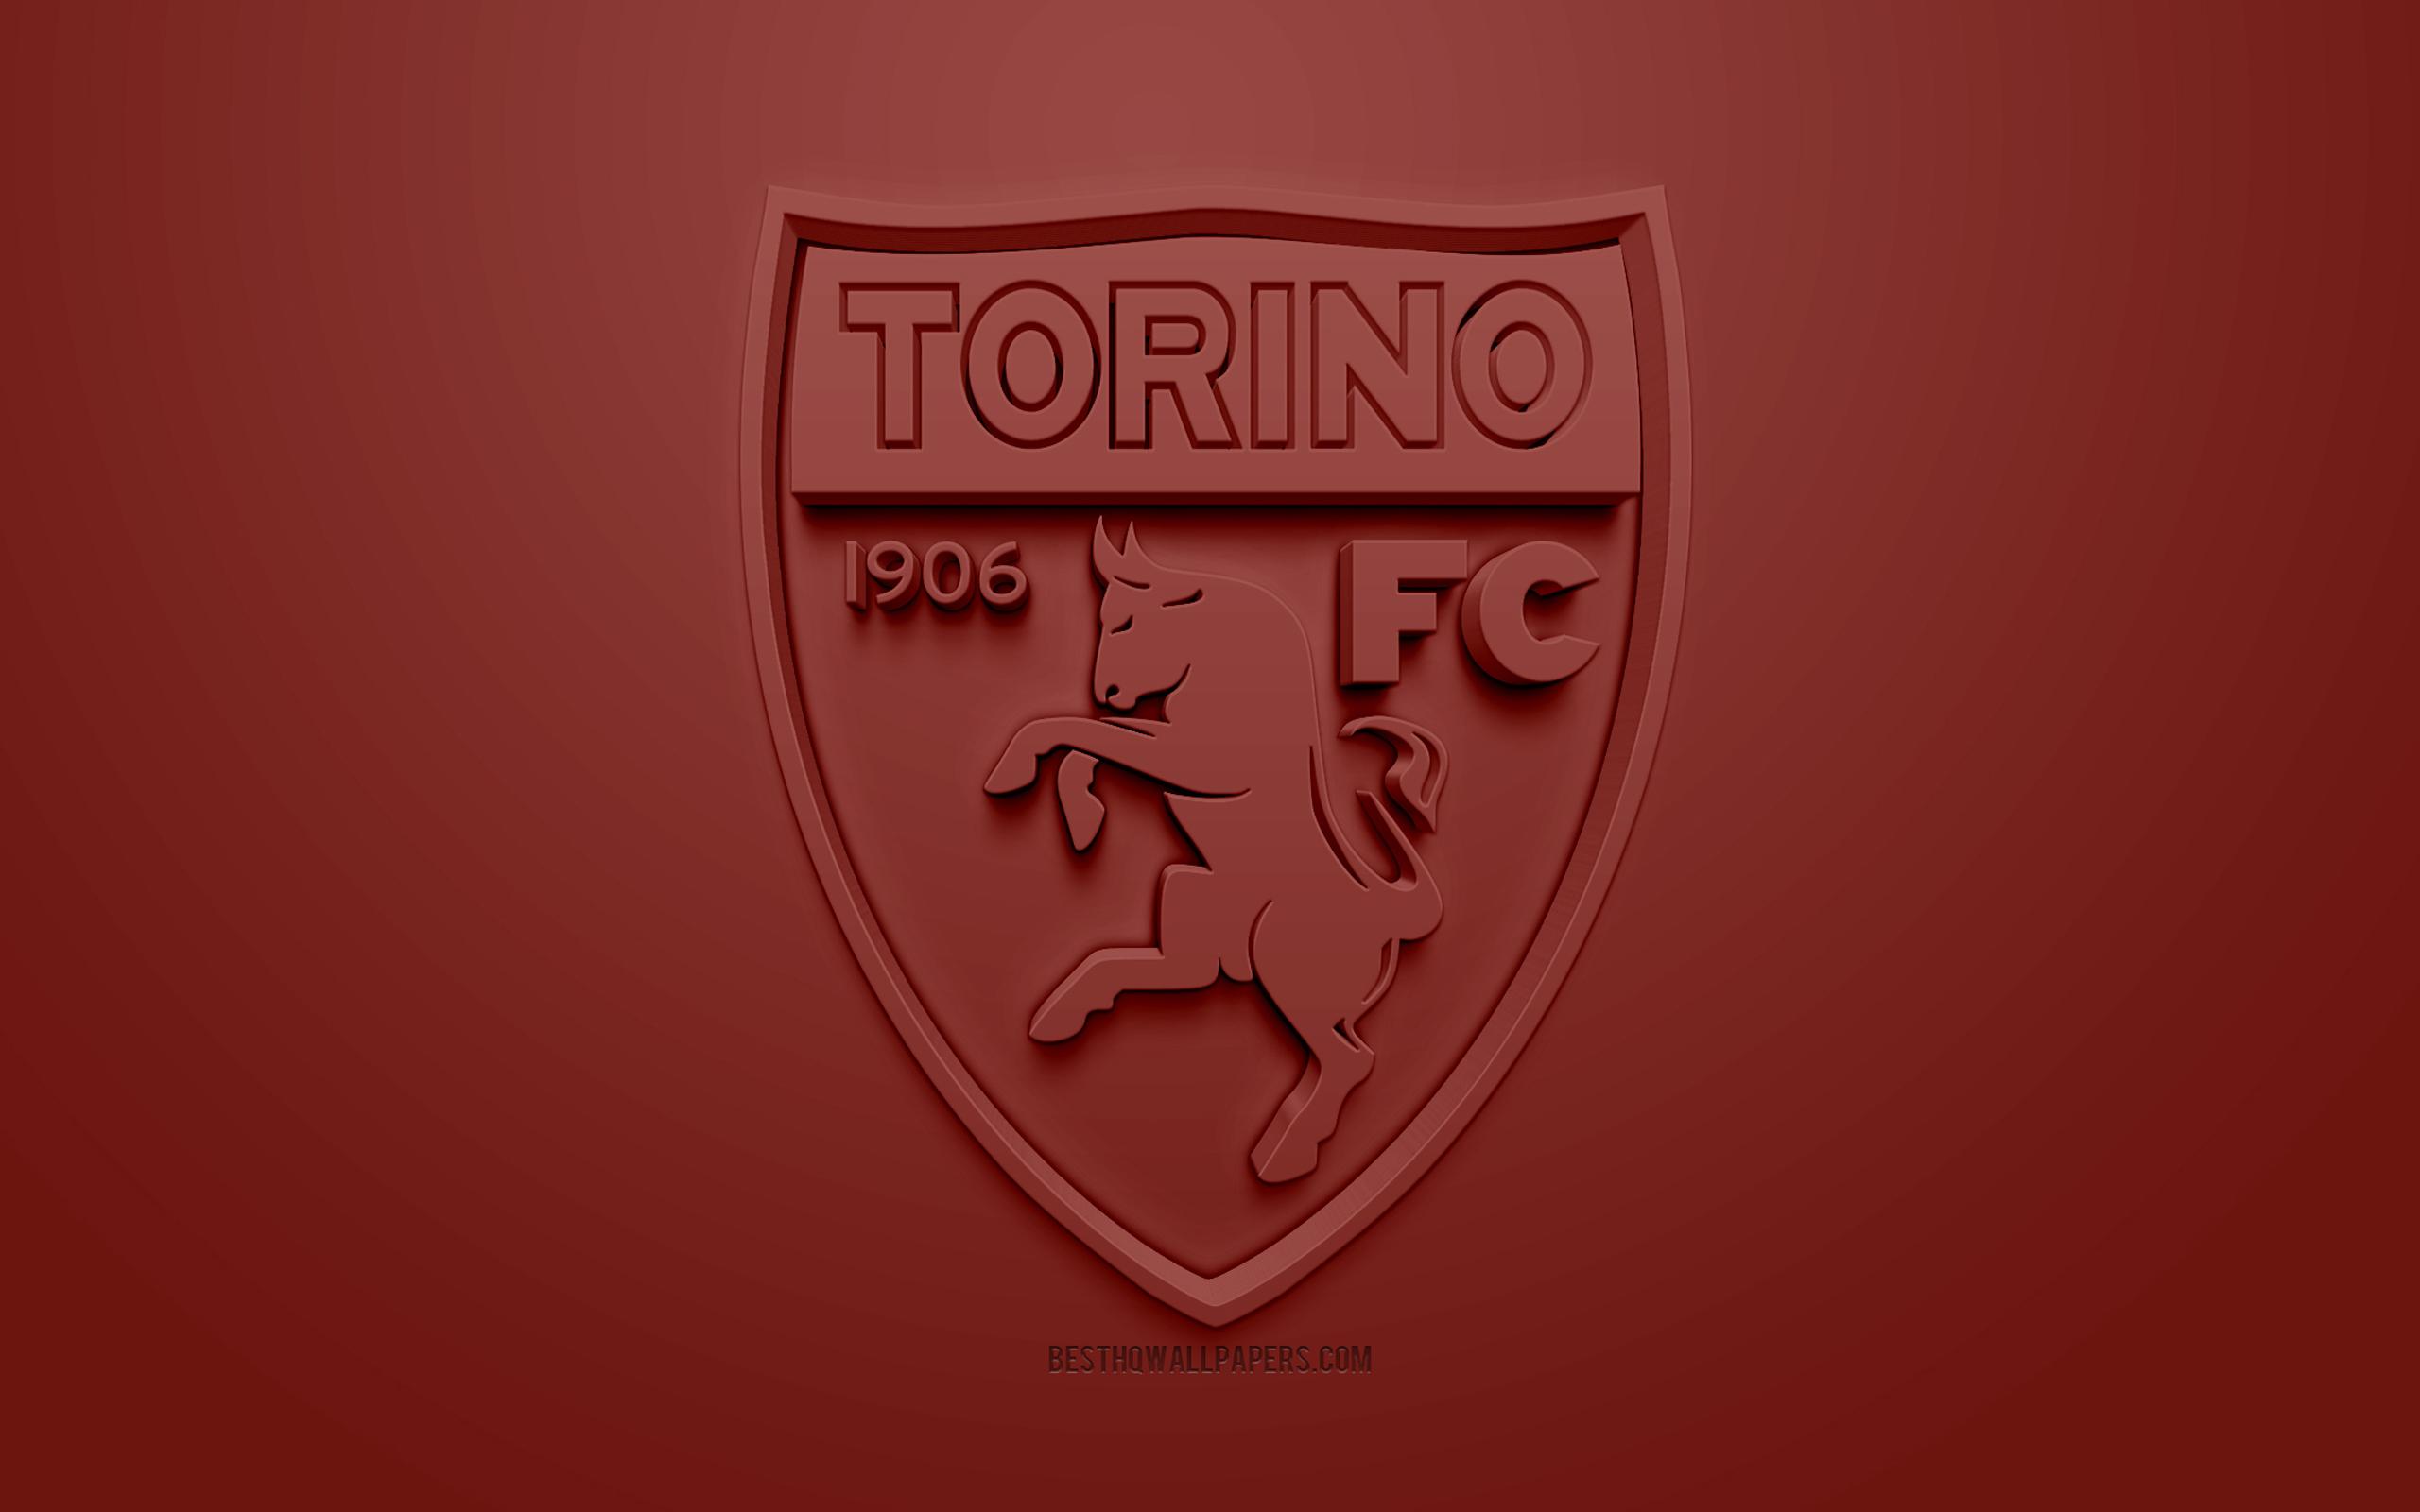 Torino Fc, Creative 3d Logo, Brown Background, 3d Emblem, - 2560x1600 -  Download HD Wallpaper - WallpaperTip